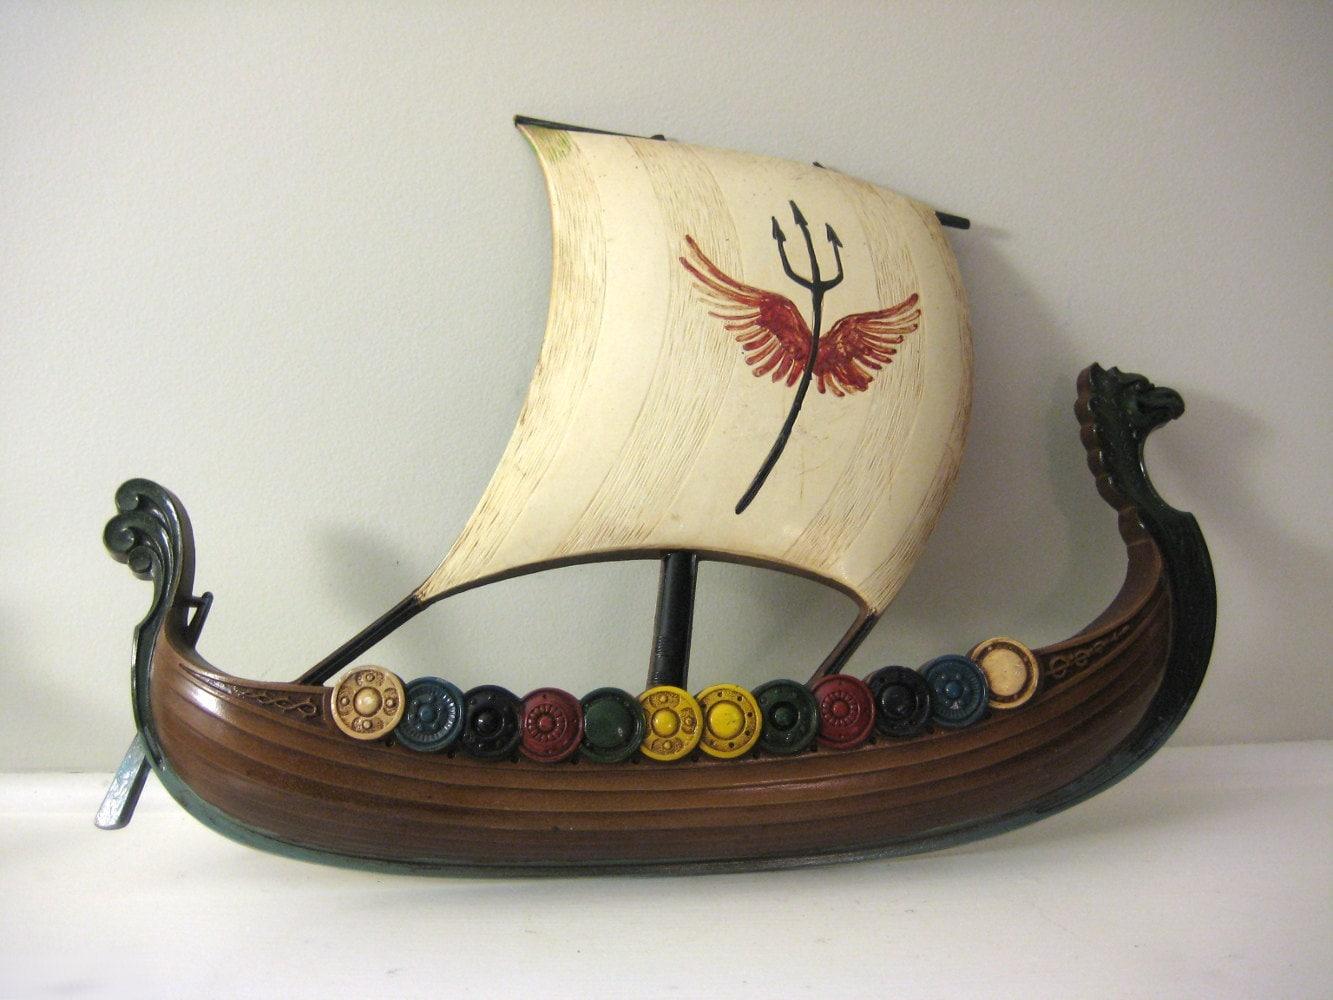 Viking Ship Wall Hanging Vintage Syroco Nautical Boat Decor